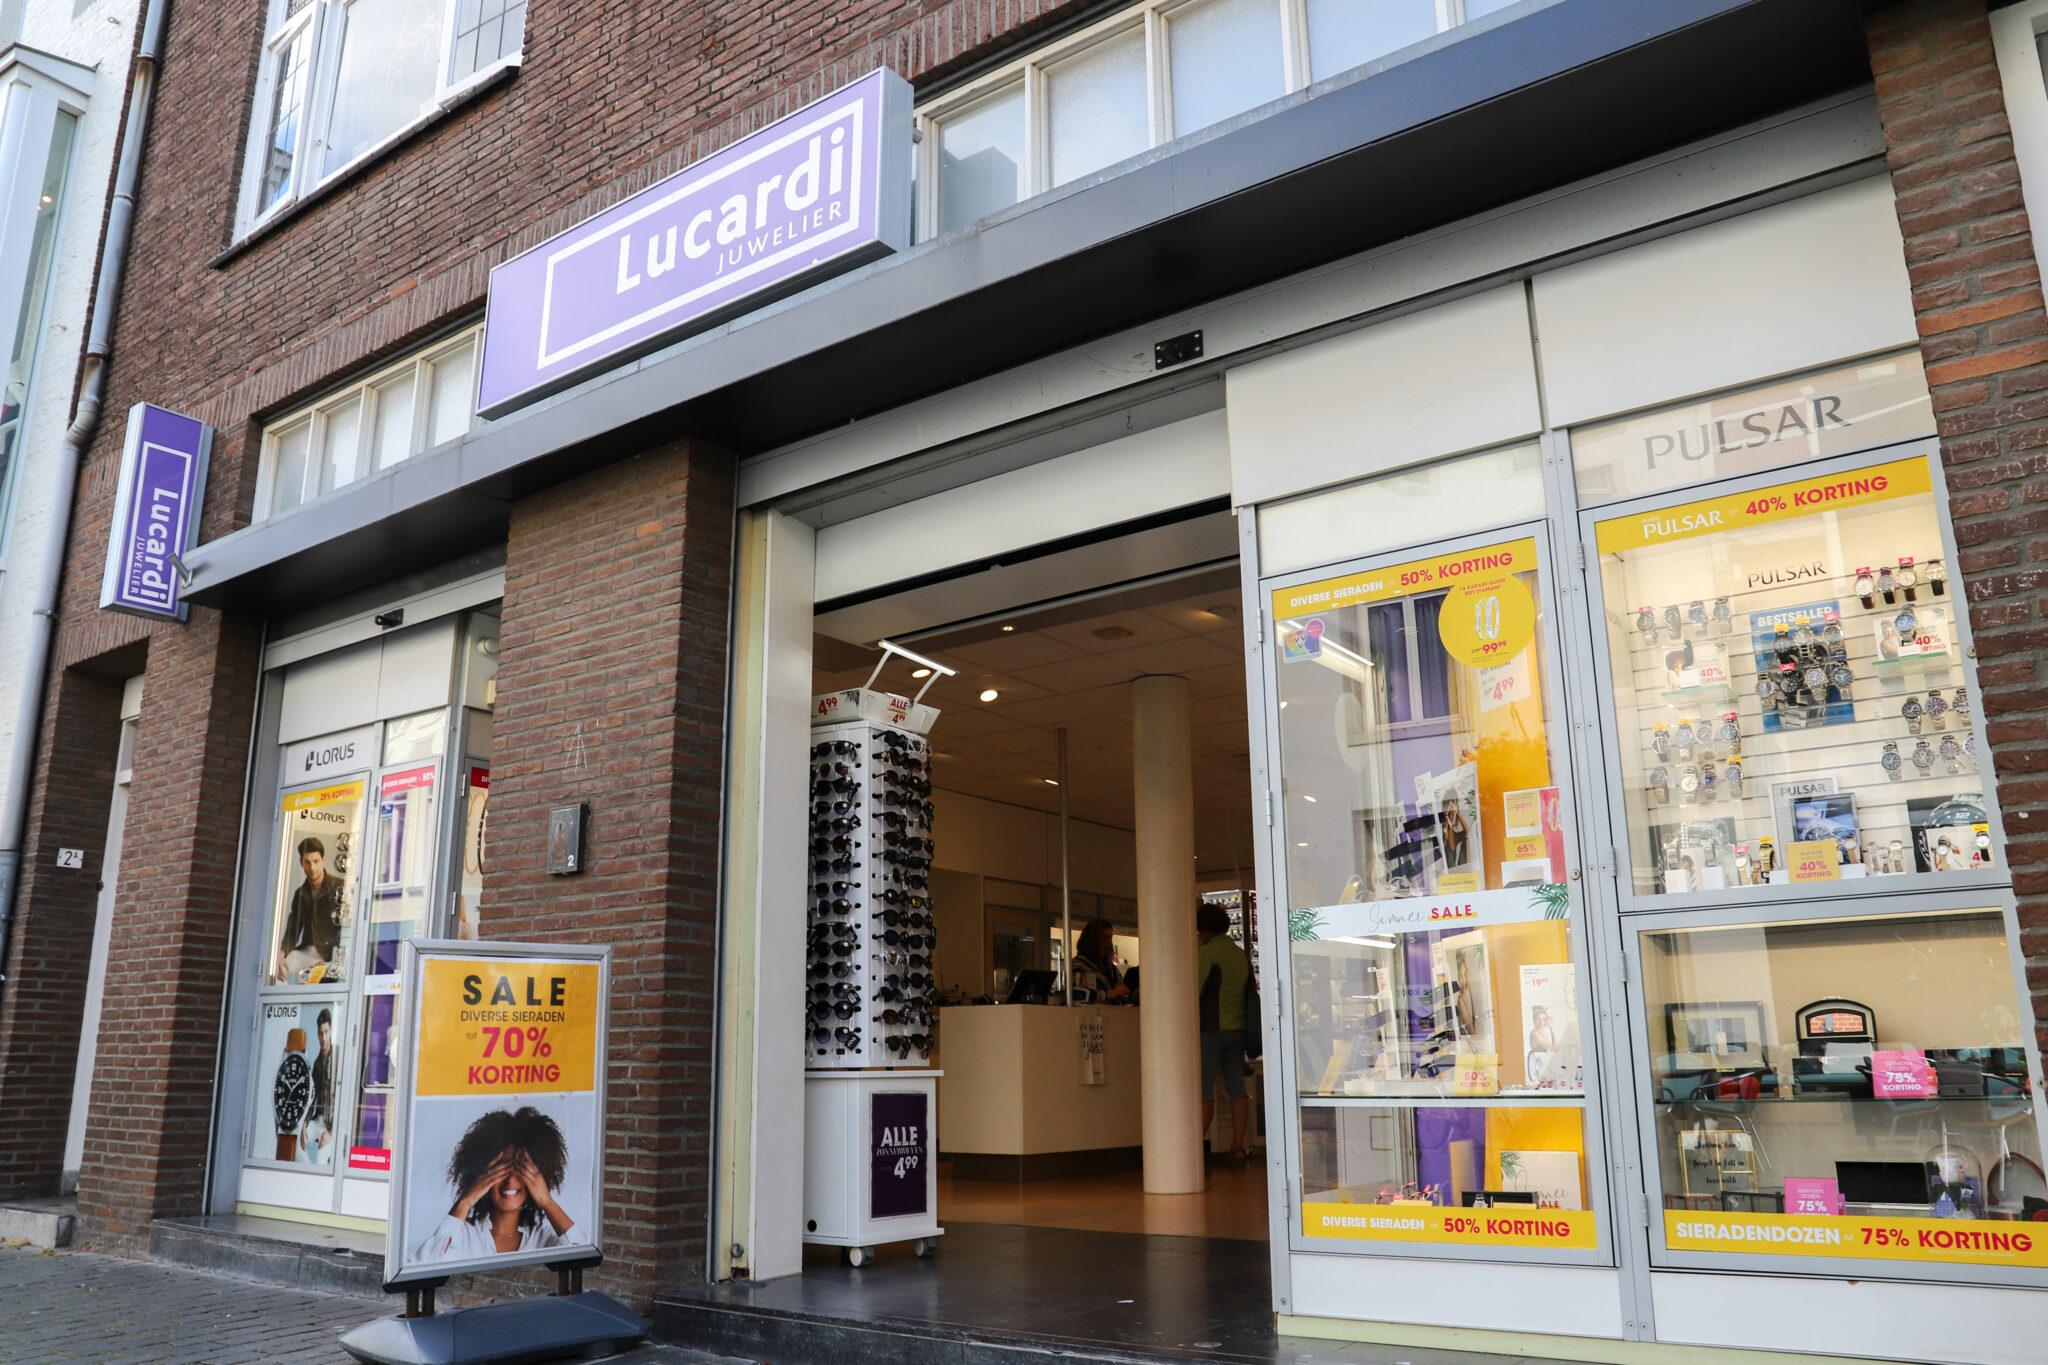 lucardi juwelier winkel aanbiedingen bergen op zoom